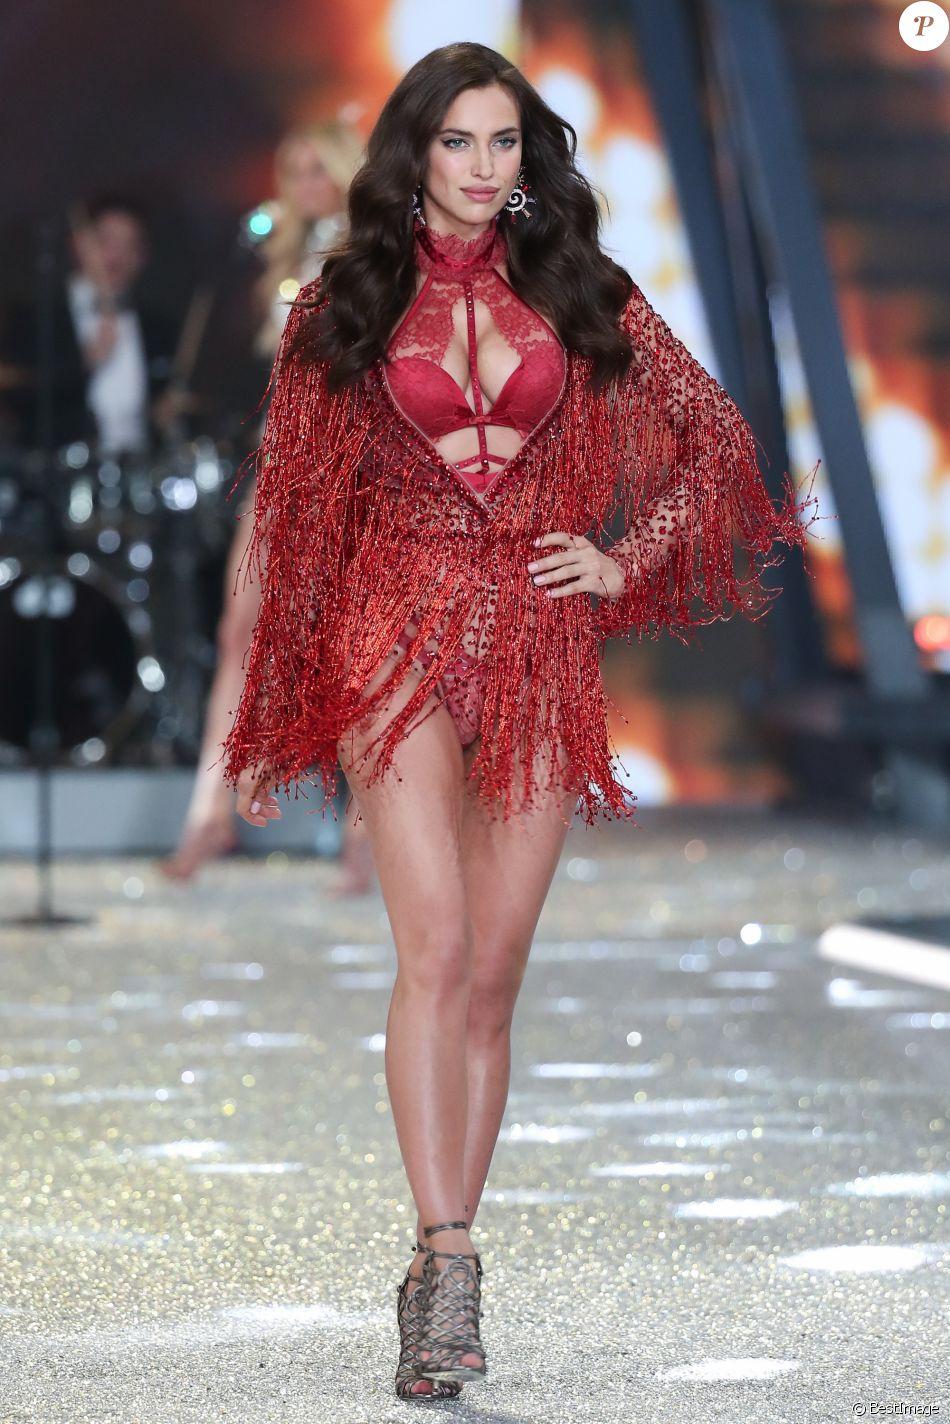 e16c02adab Irina Shayk enceinte - Défilé Victoria's Secret Paris 2016 au Grand Palais  à Paris, le 30 novembre 2016.